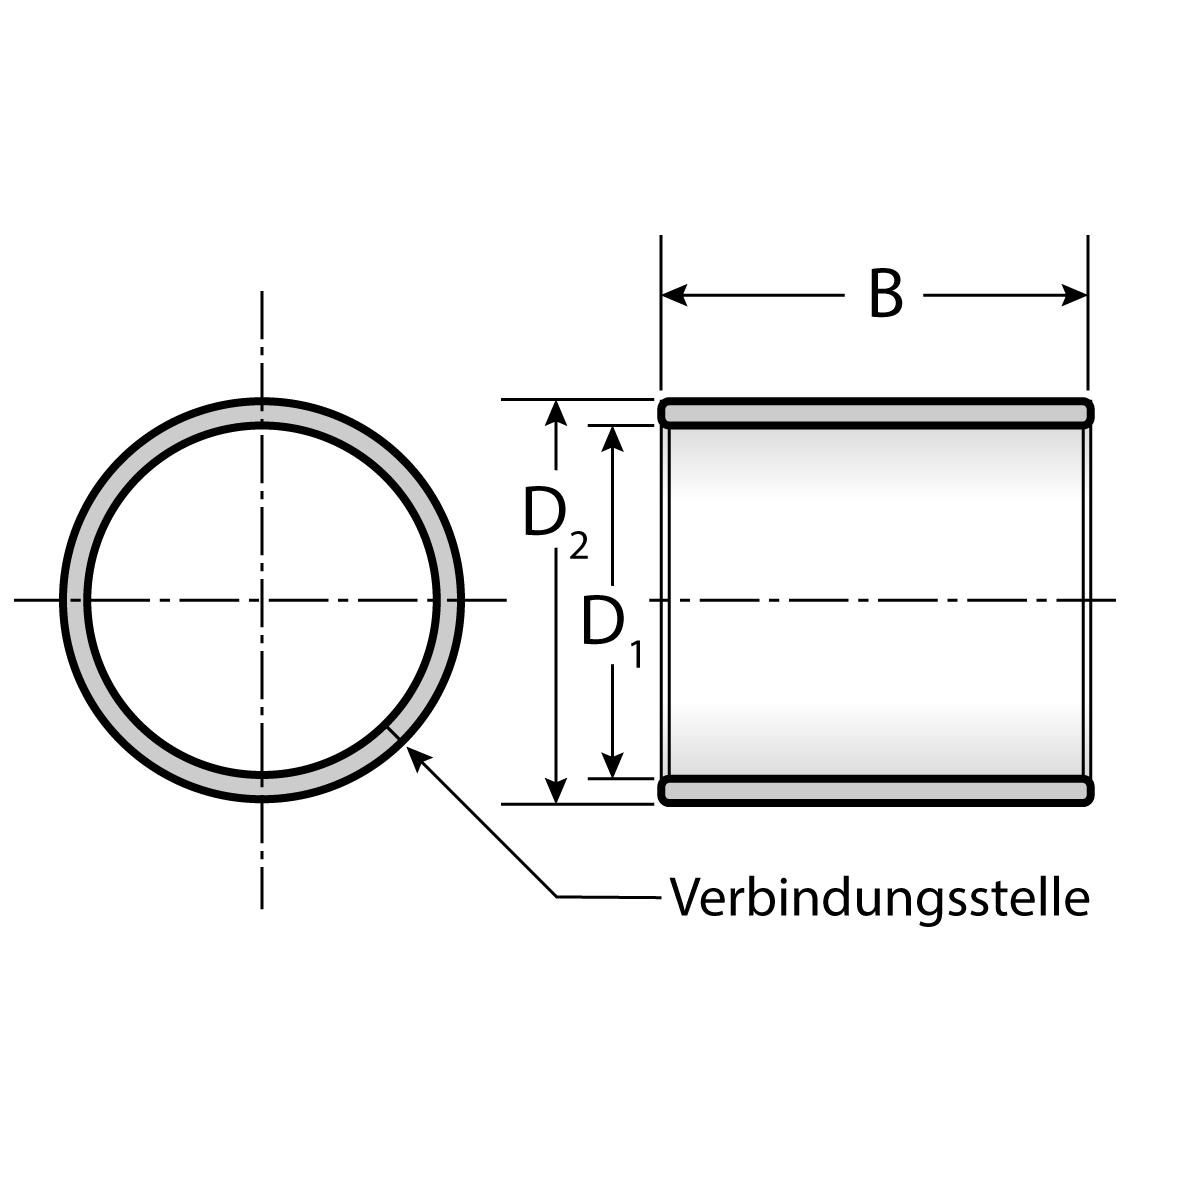 Gleitlager-Schema-01